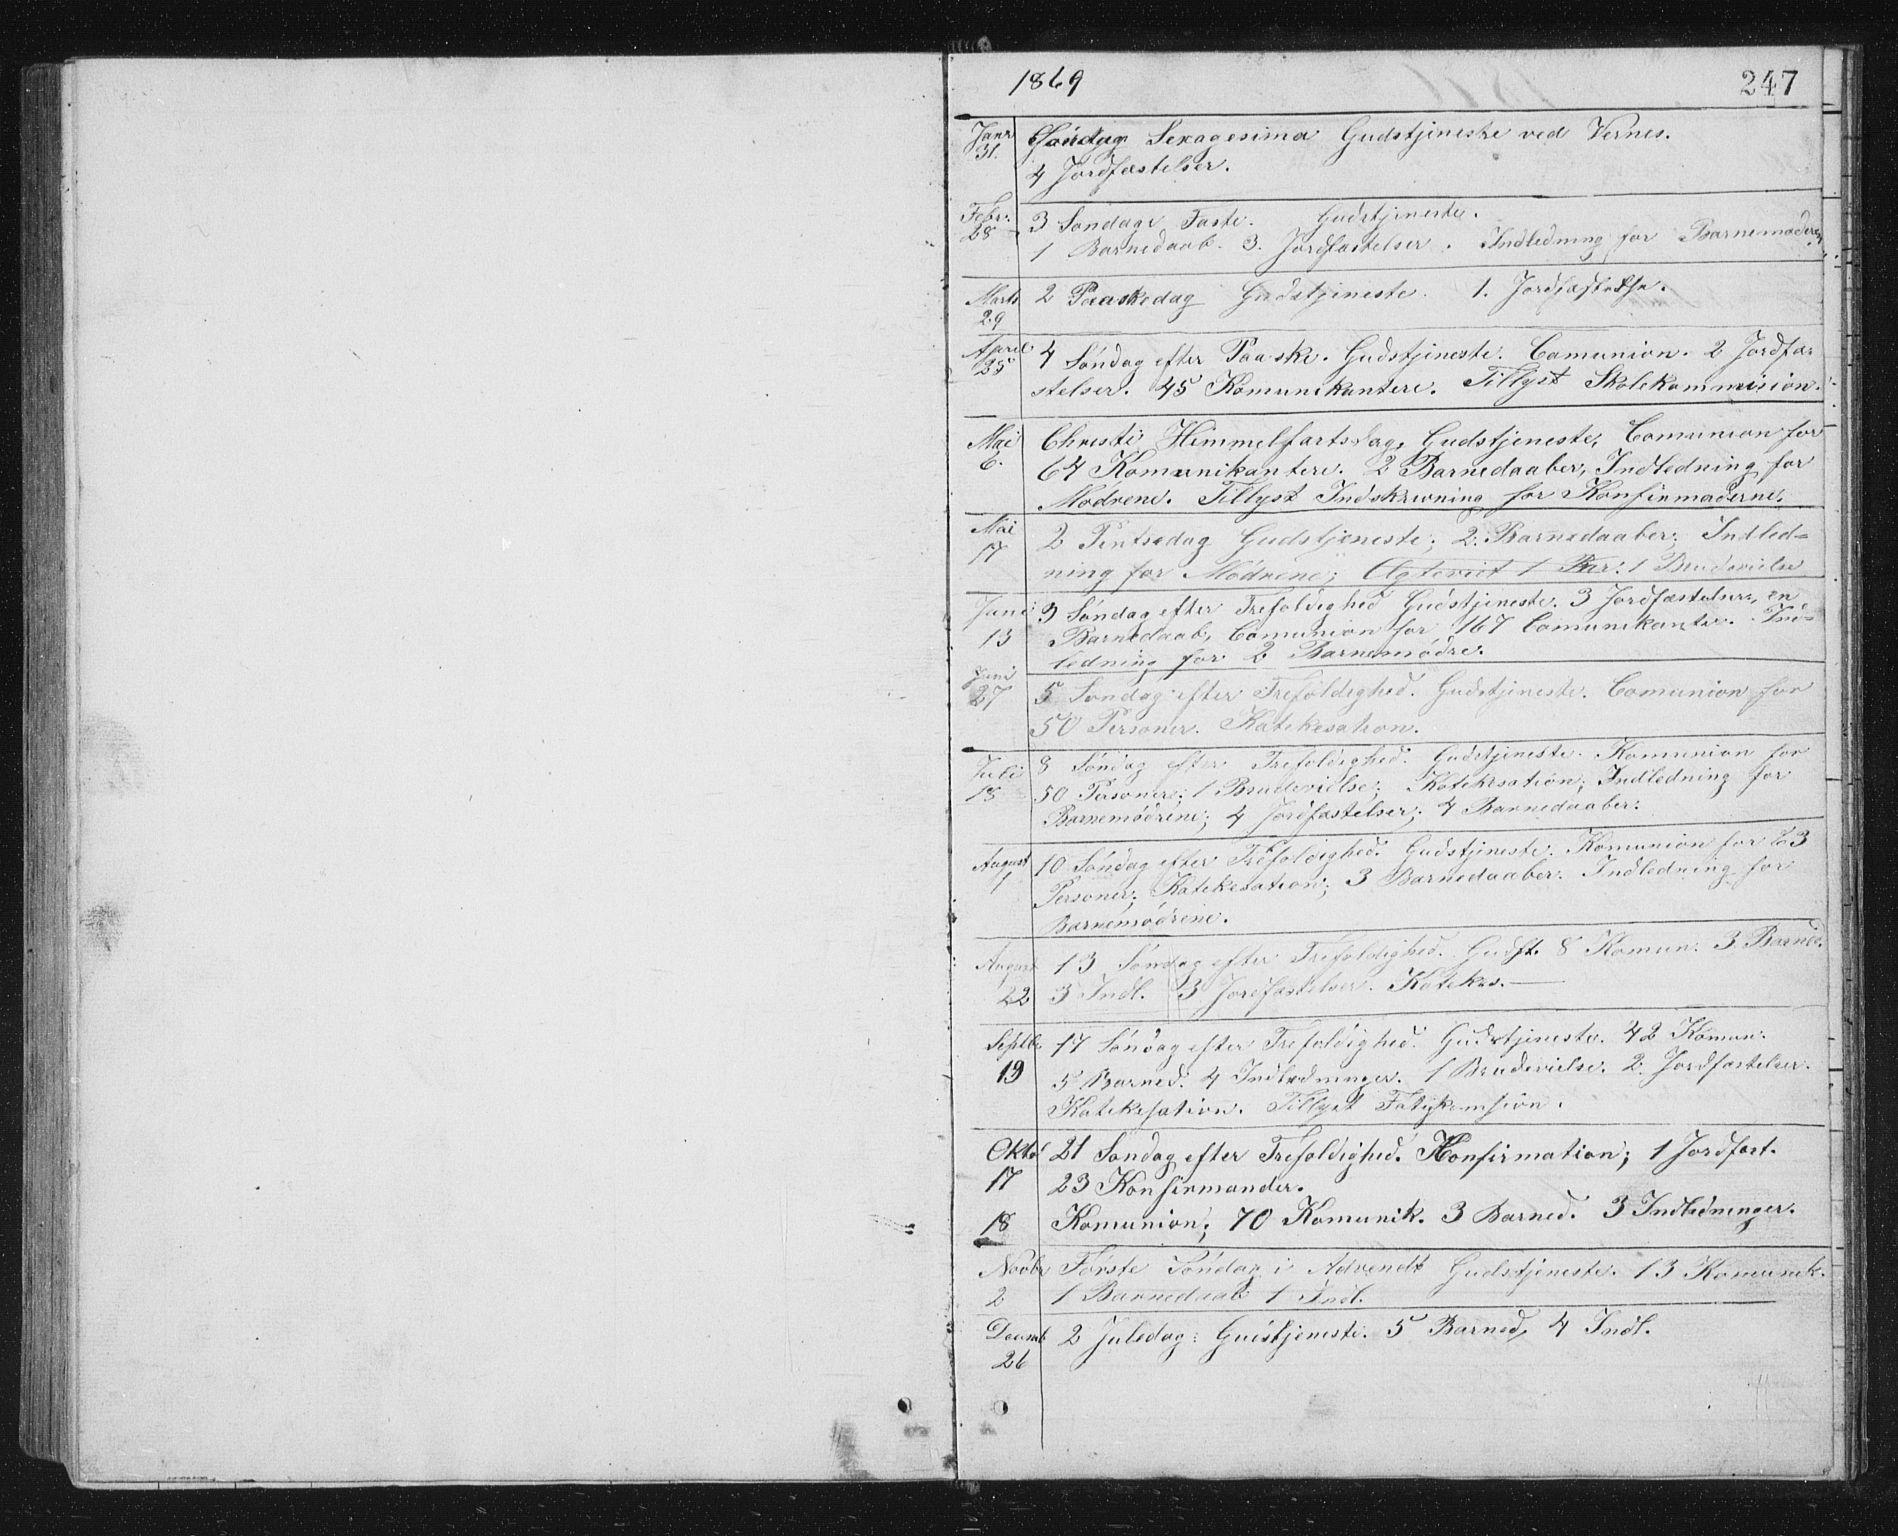 SAT, Ministerialprotokoller, klokkerbøker og fødselsregistre - Sør-Trøndelag, 662/L0756: Klokkerbok nr. 662C01, 1869-1891, s. 247